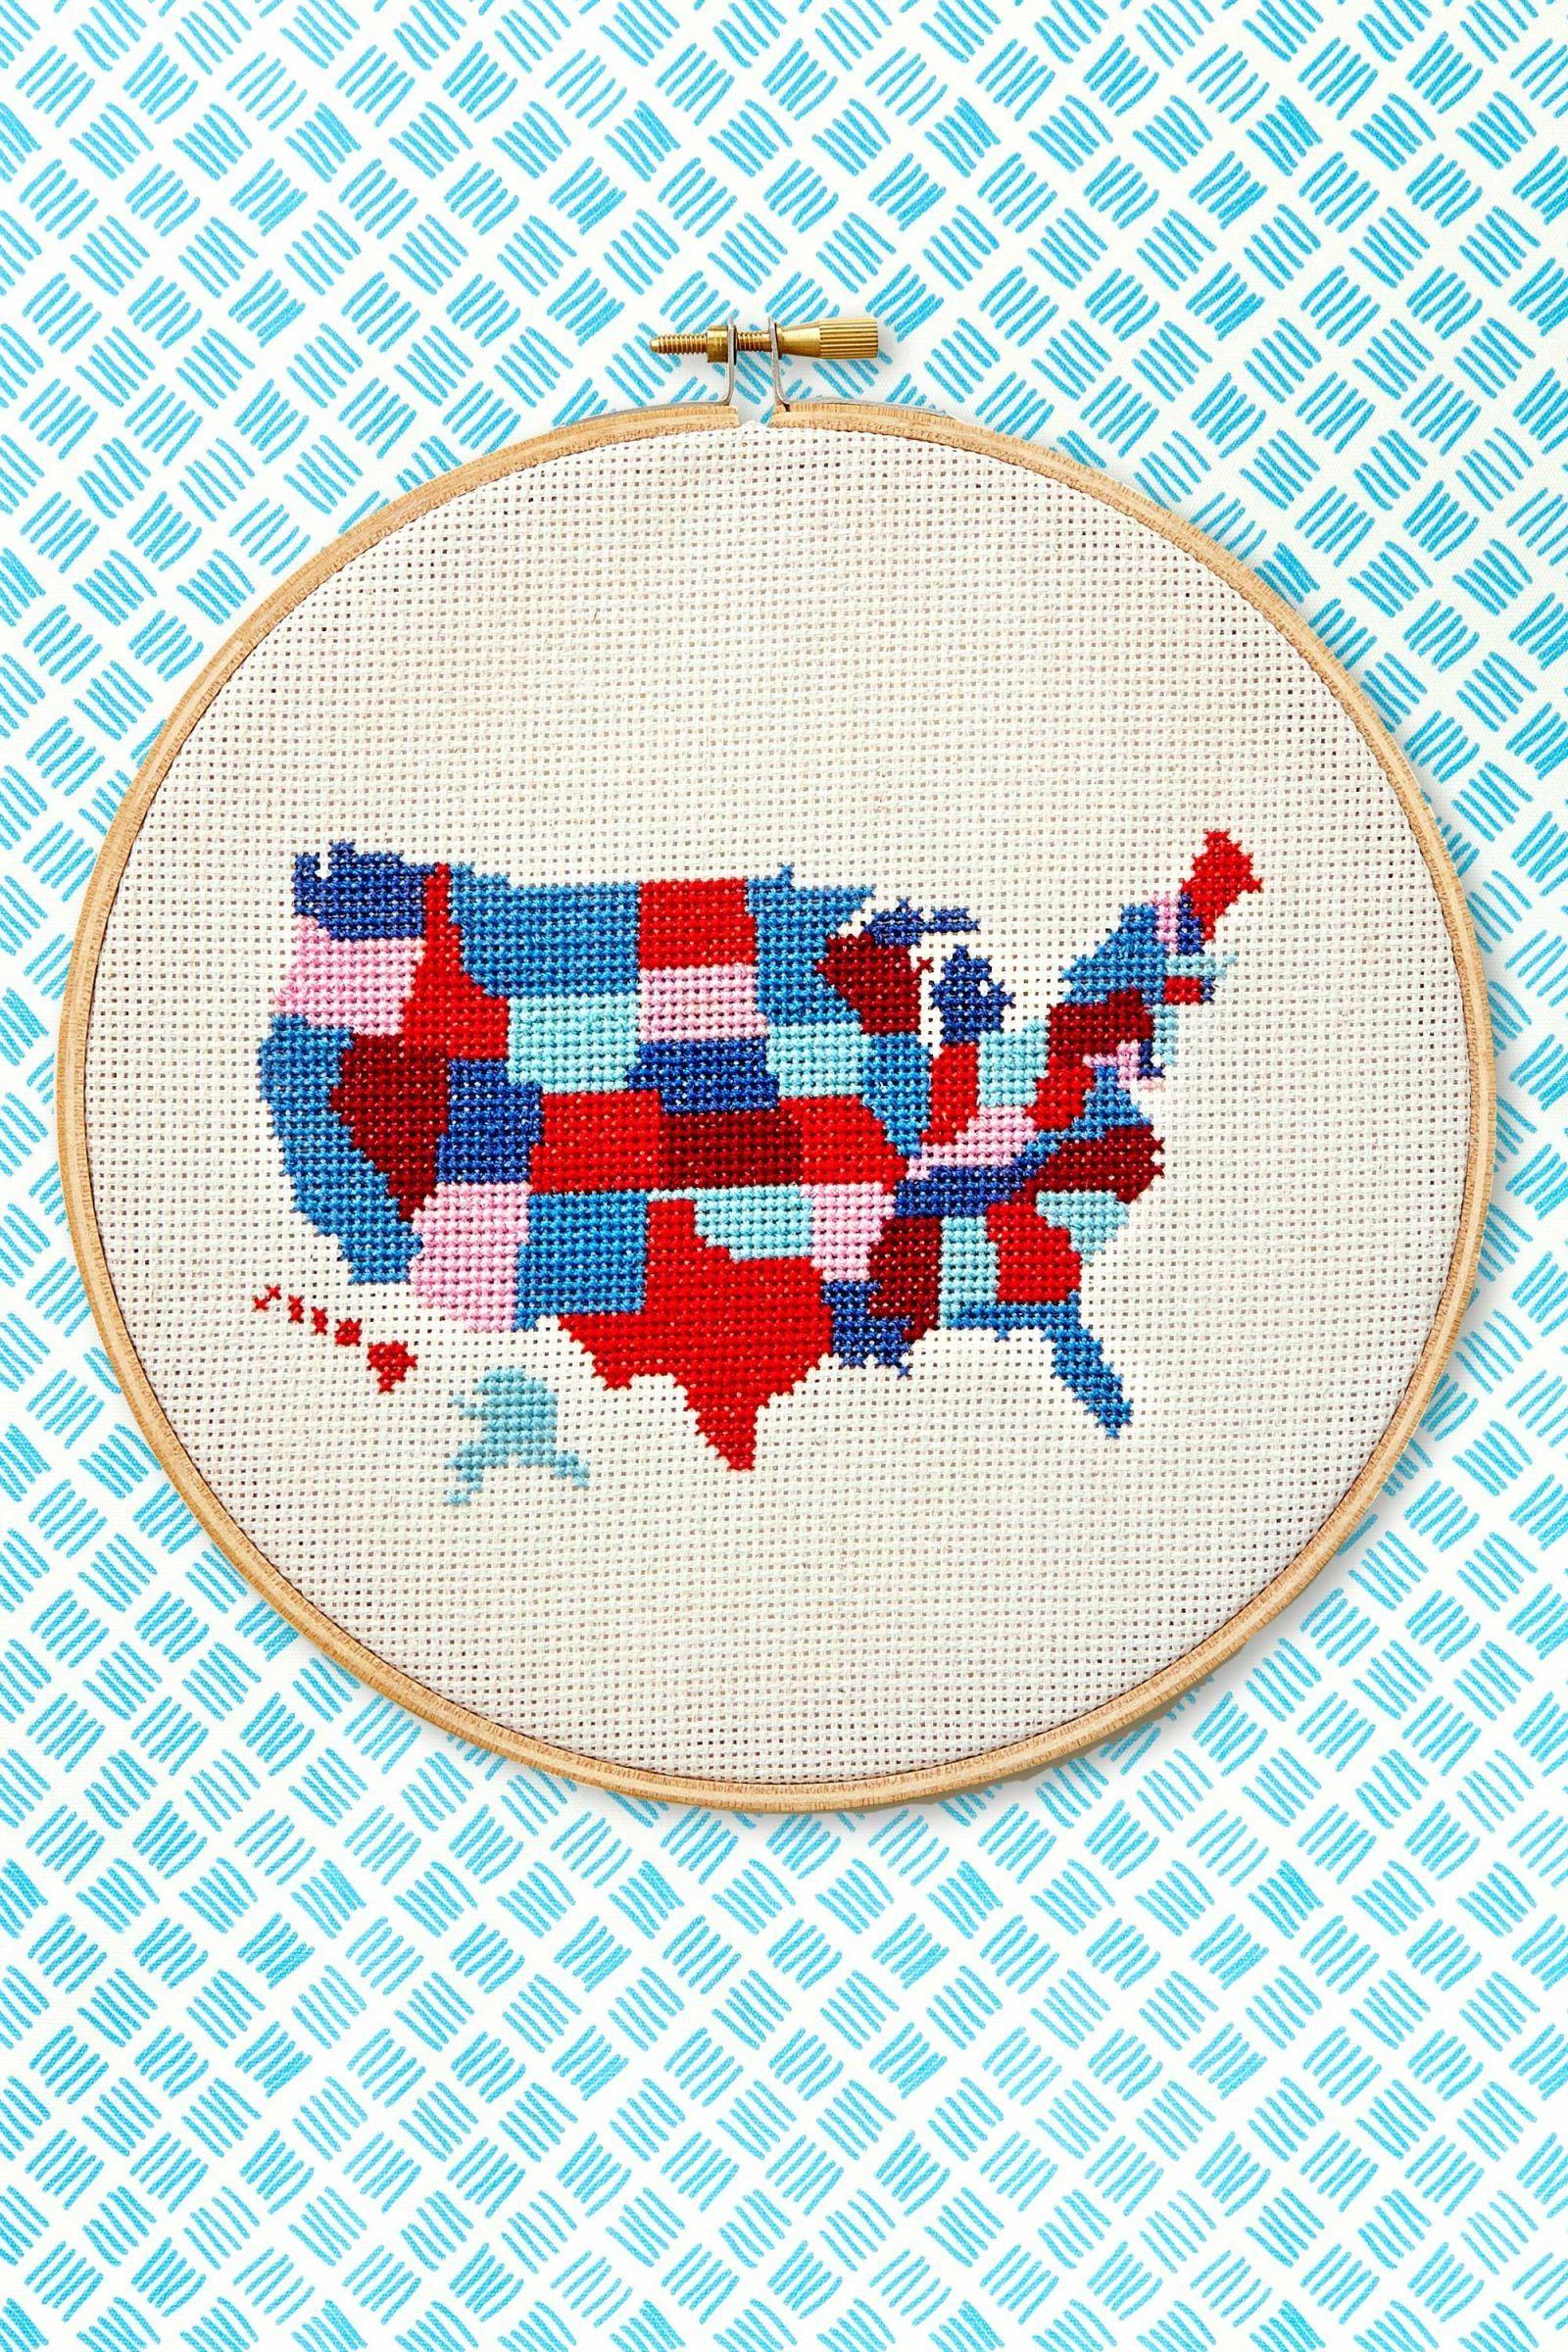 Free Cross Stitch Patterns Cross Stitch Patterns Free Cross